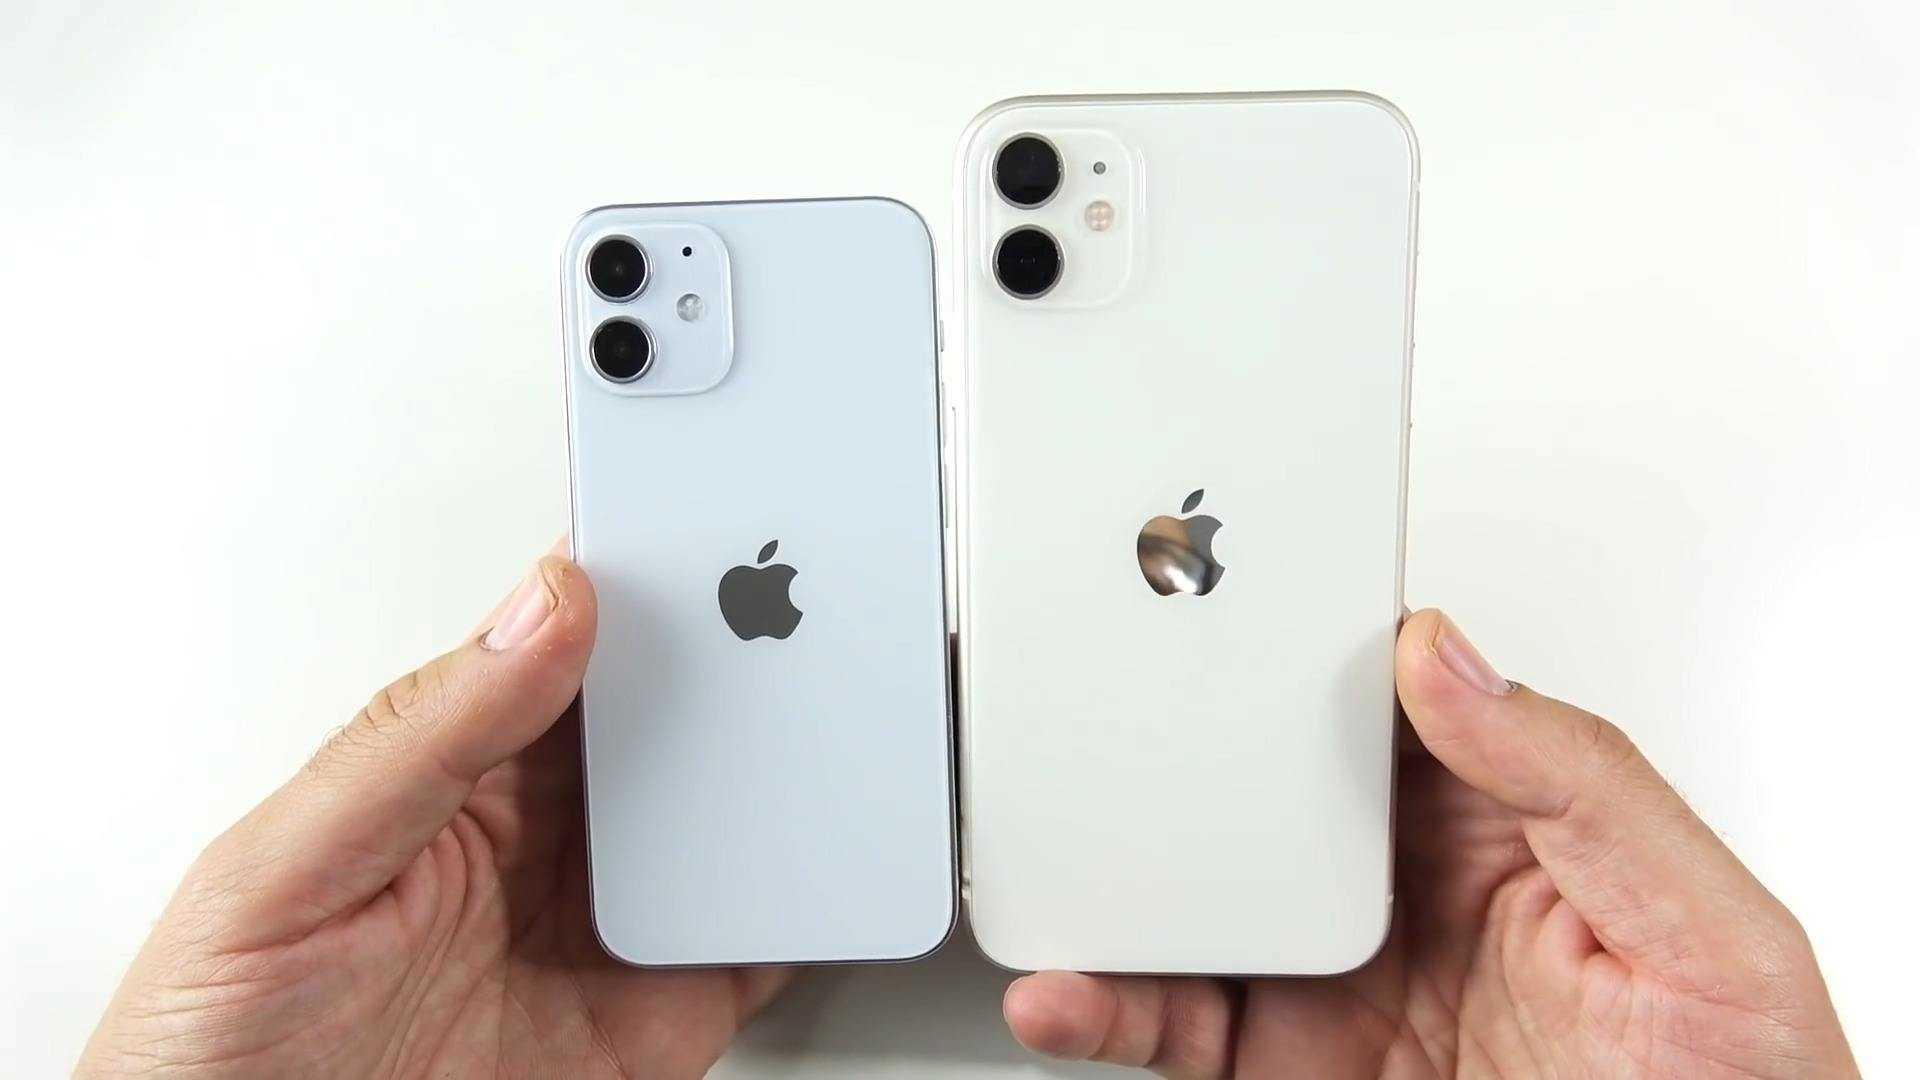 iphone12mini和6s大小对比_iphone12mini和6s一样大吗